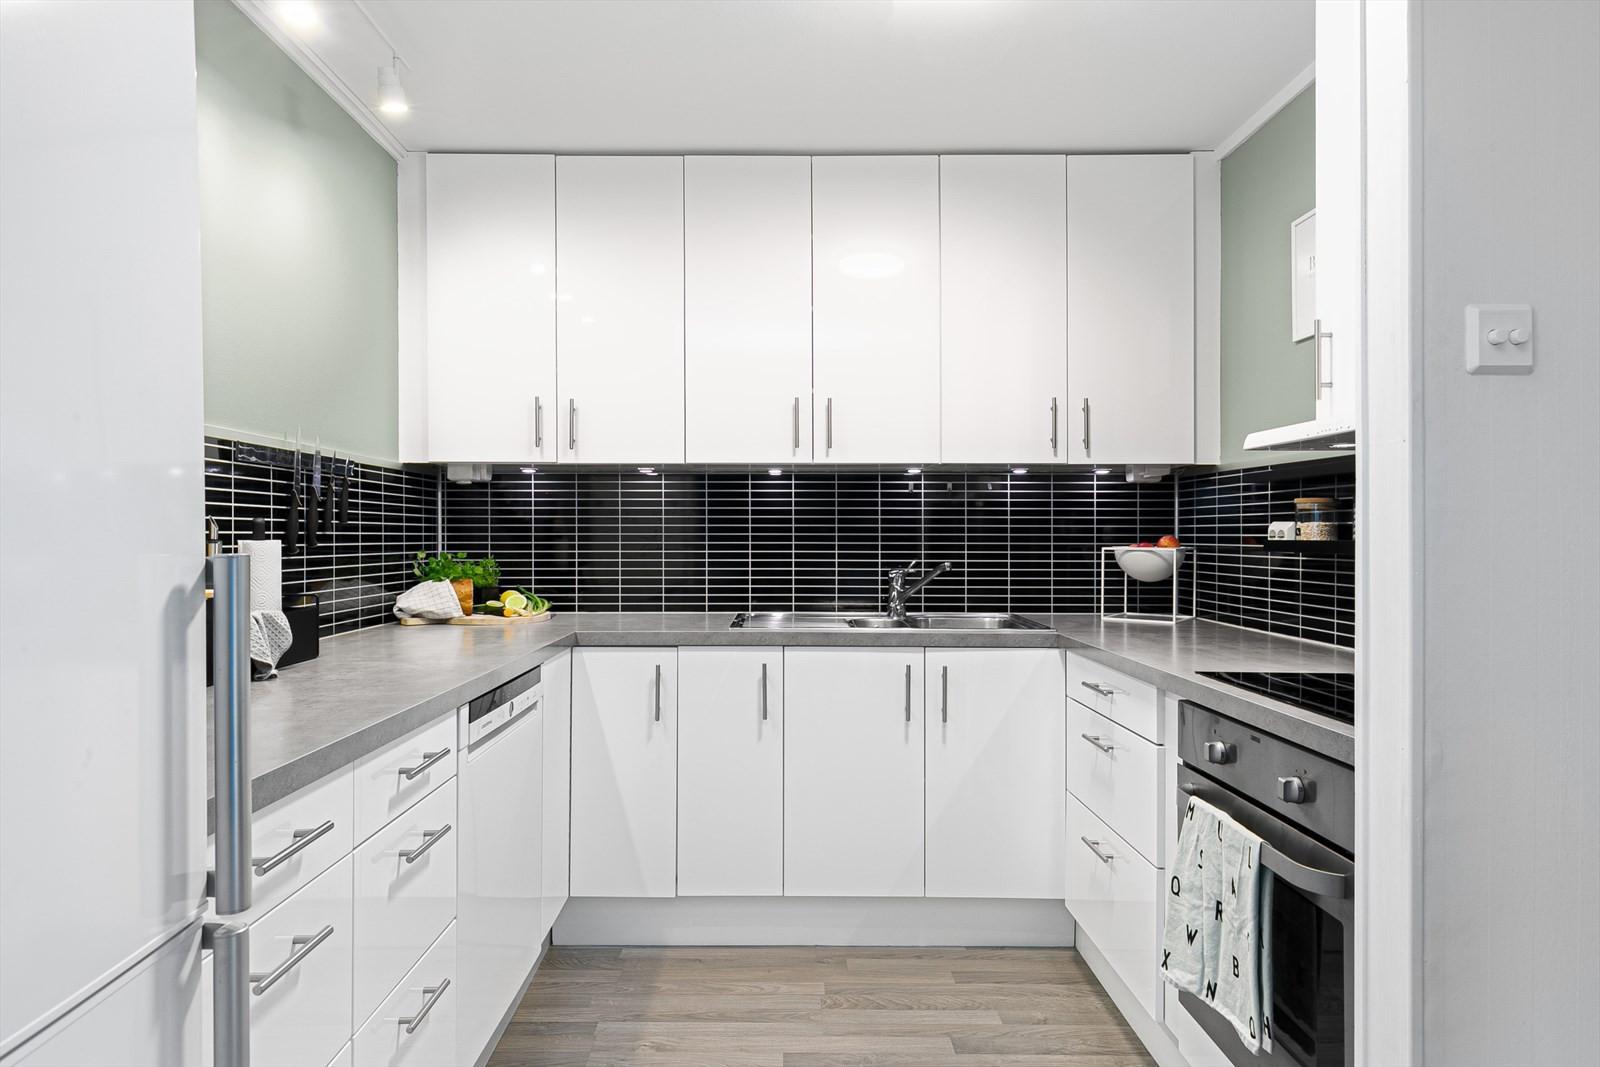 Kjøkken med god plass i innredninger og moderne utførelse.